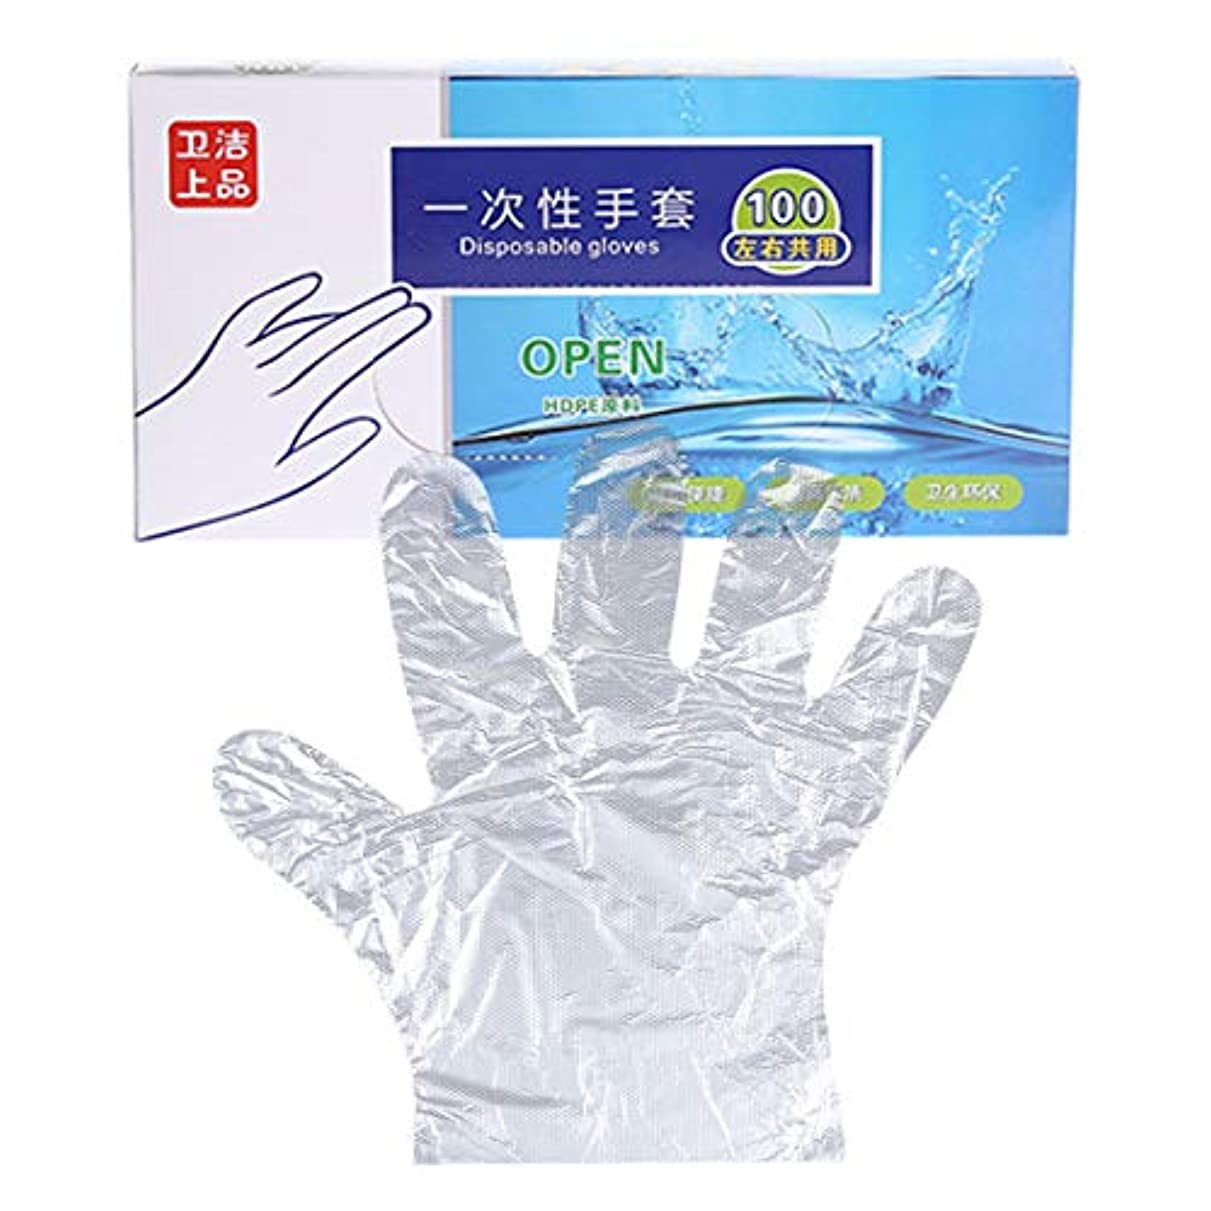 責任受賞の頭の上Pinji 使い捨て手袋 100本入 透明 フリーサイズ グローブ ポリエチレン手袋 左右兼用 ポリエチレン PE 実用 衛生 調理 清掃 染髪